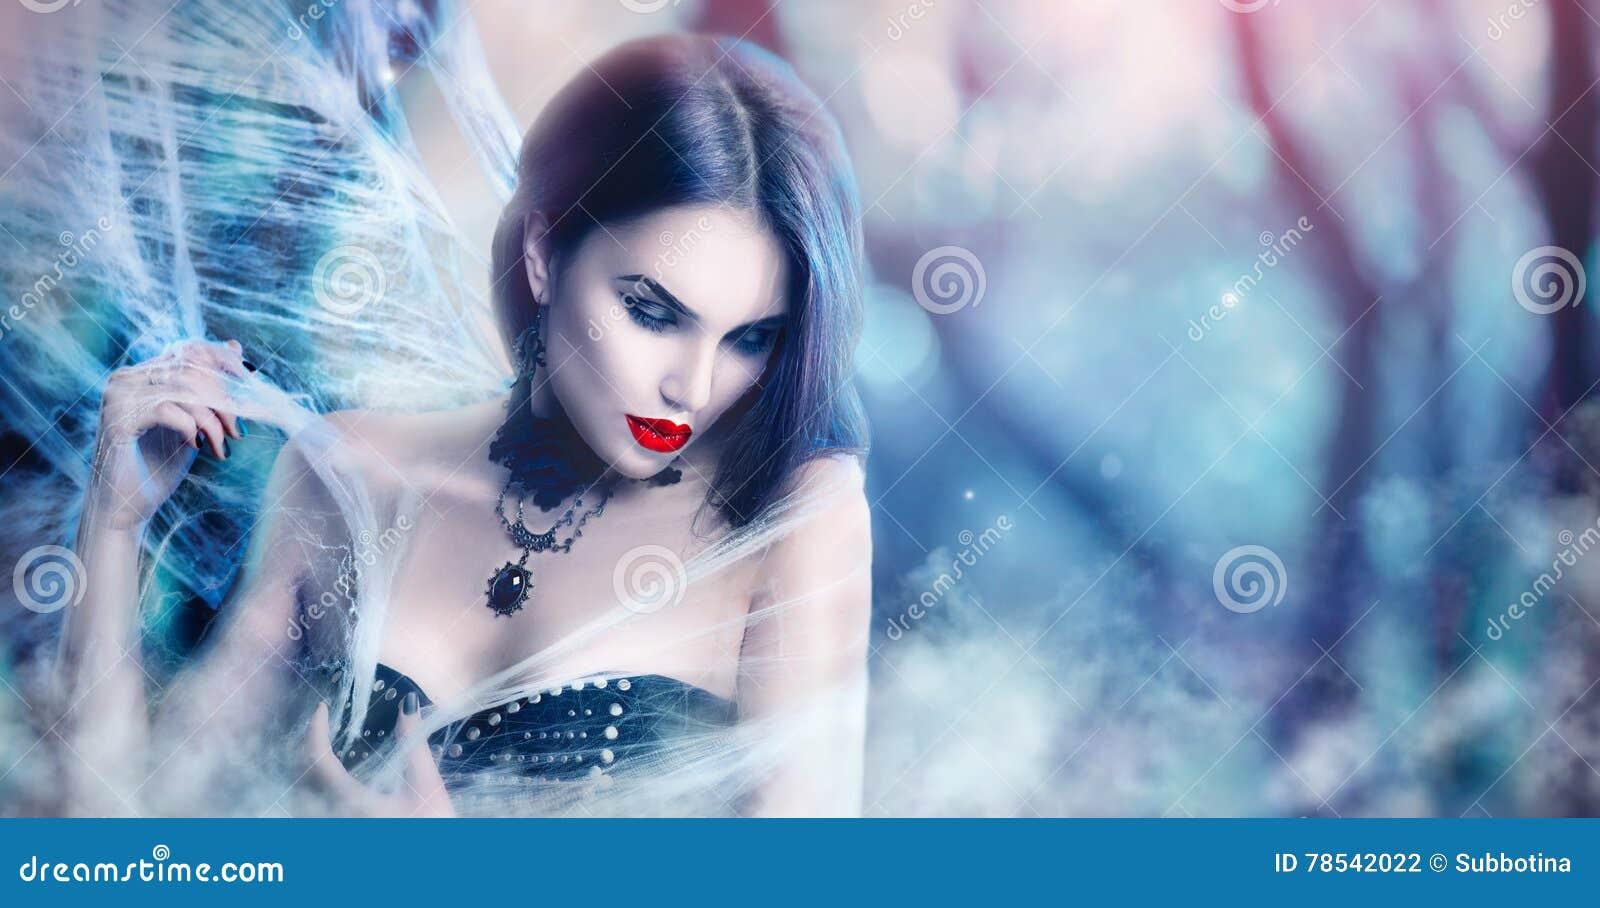 Πορτρέτο γυναικών αποκριών φαντασίας Προκλητική τοποθέτηση βαμπίρ ομορφιάς